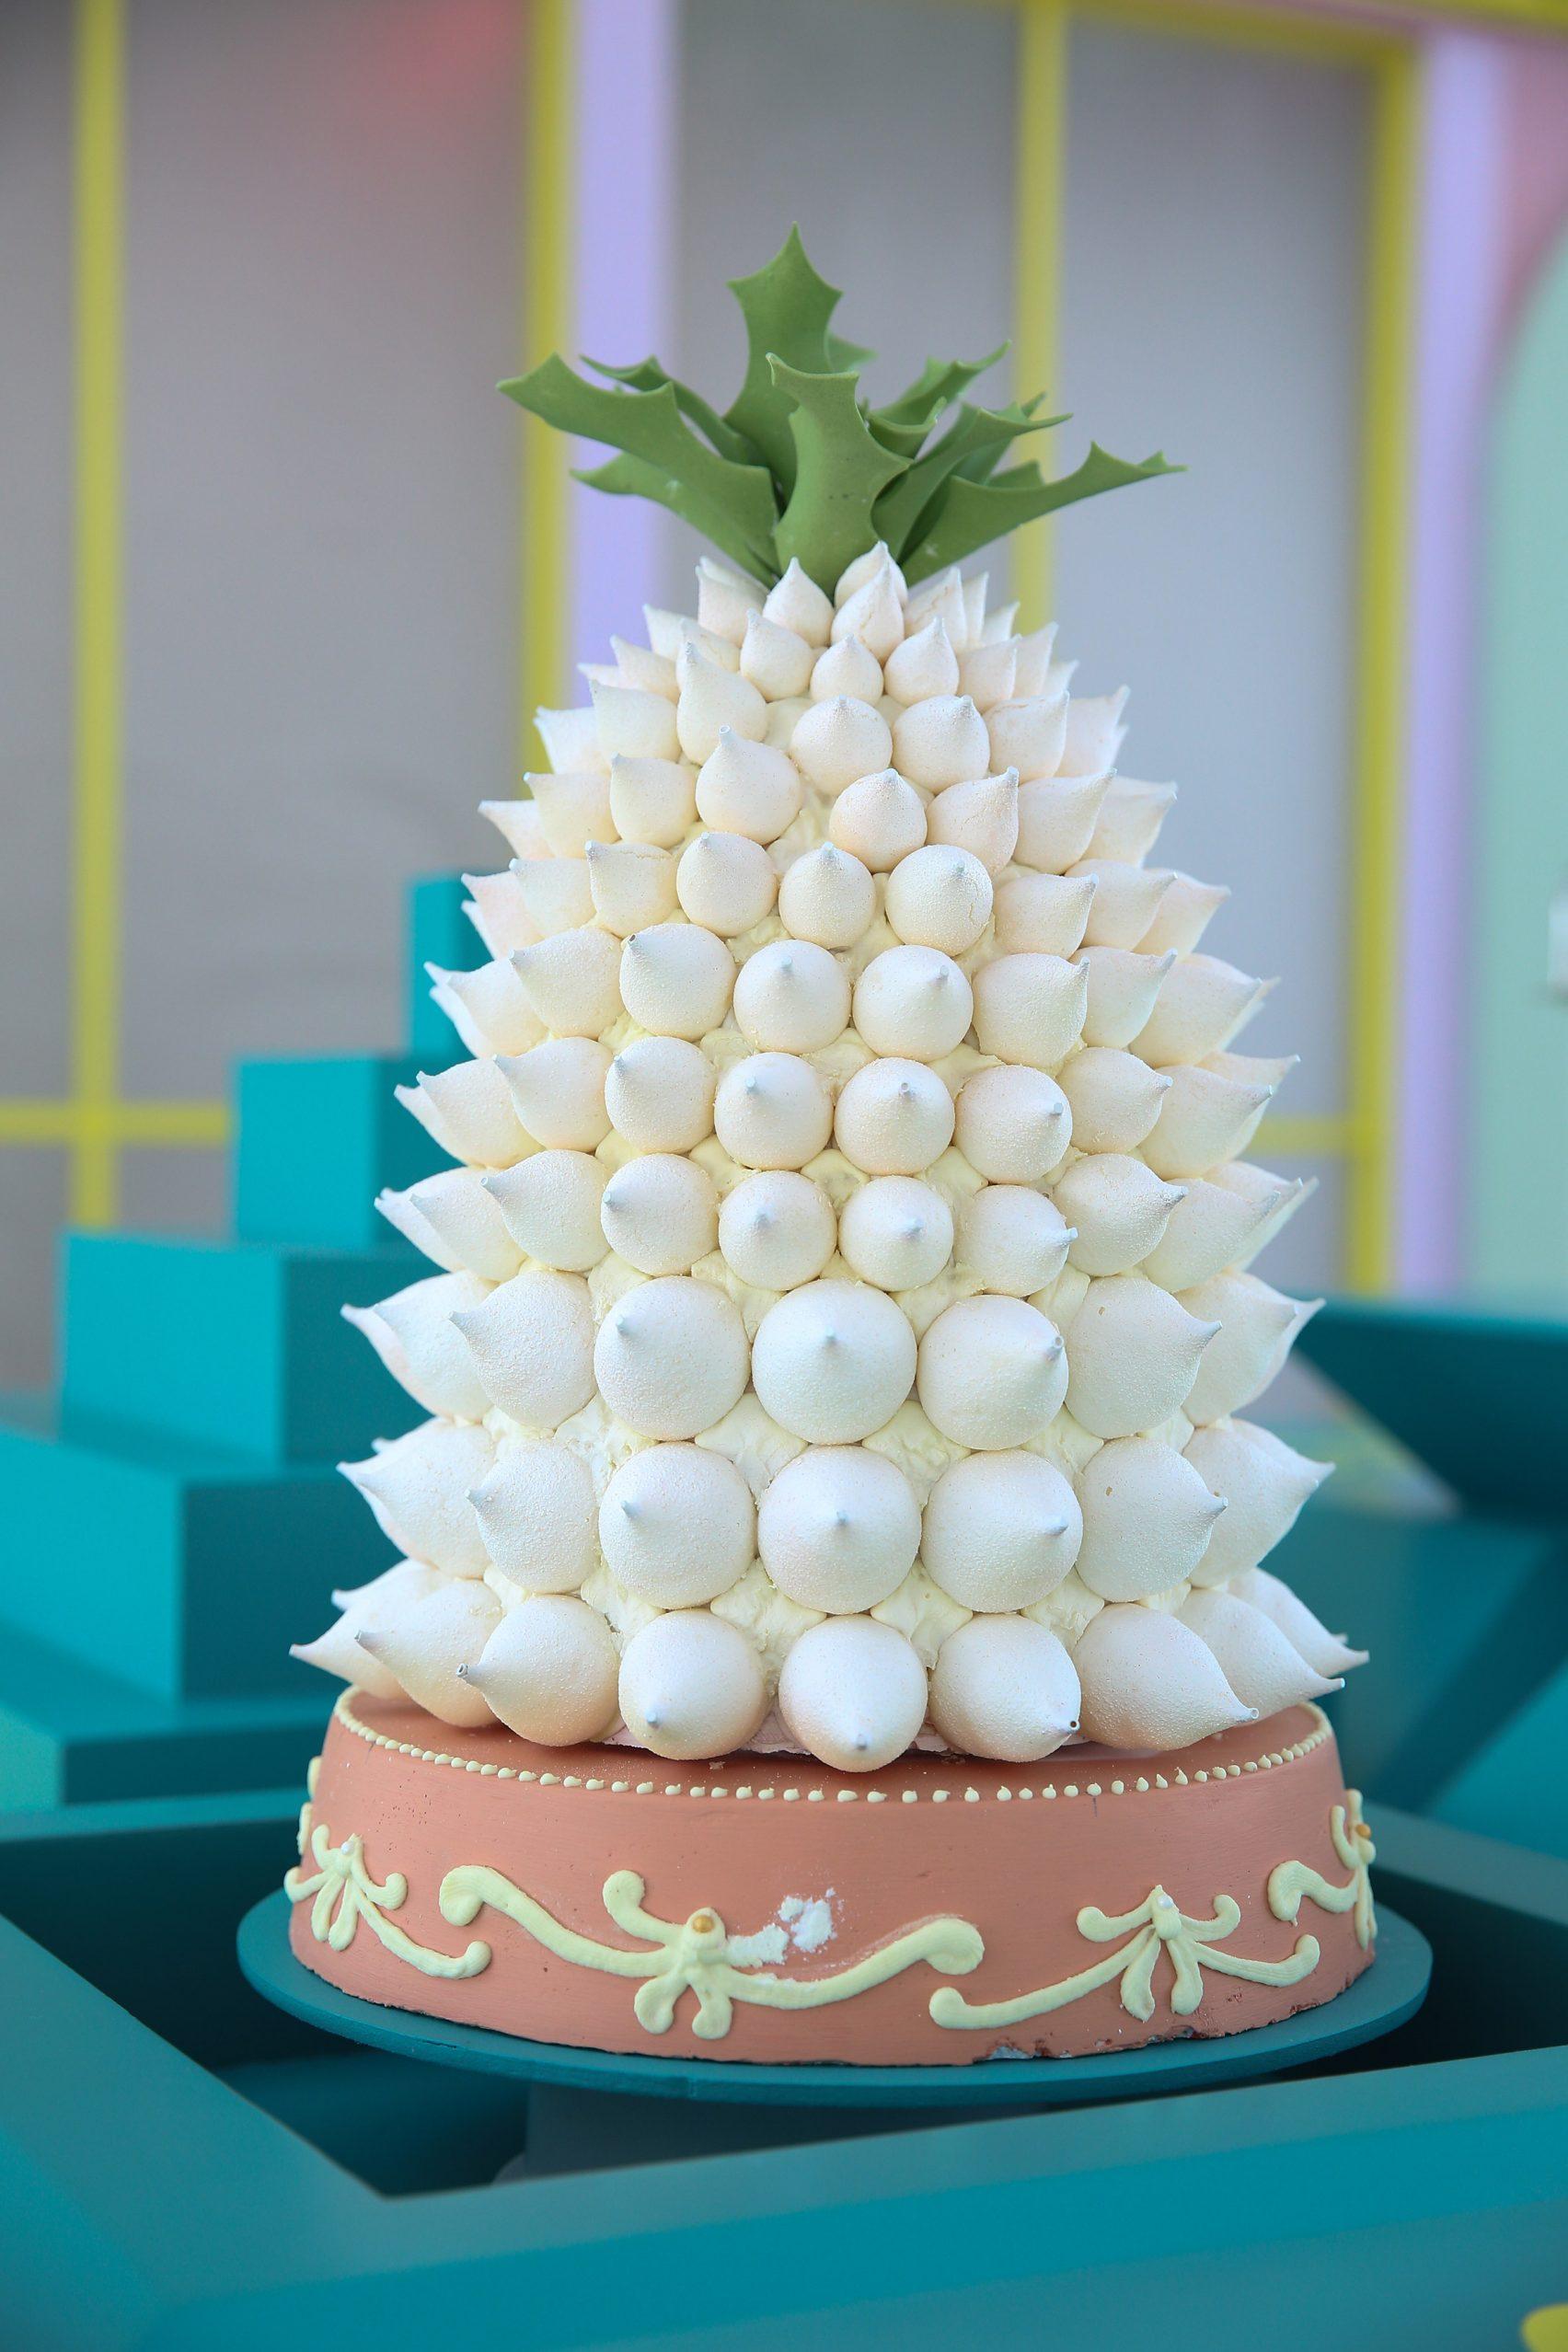 Это самый легкий десерт в мире! Он весит всего 1 грамм!